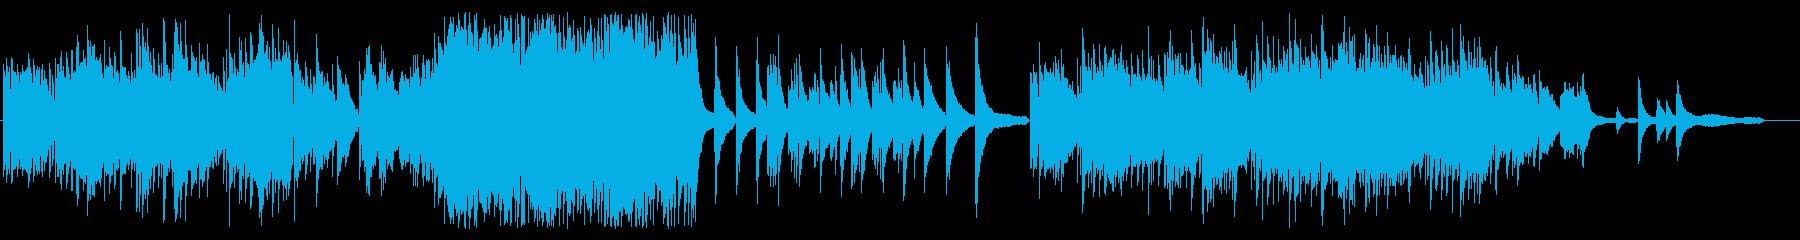 激しくも切ないピアノバラードの再生済みの波形